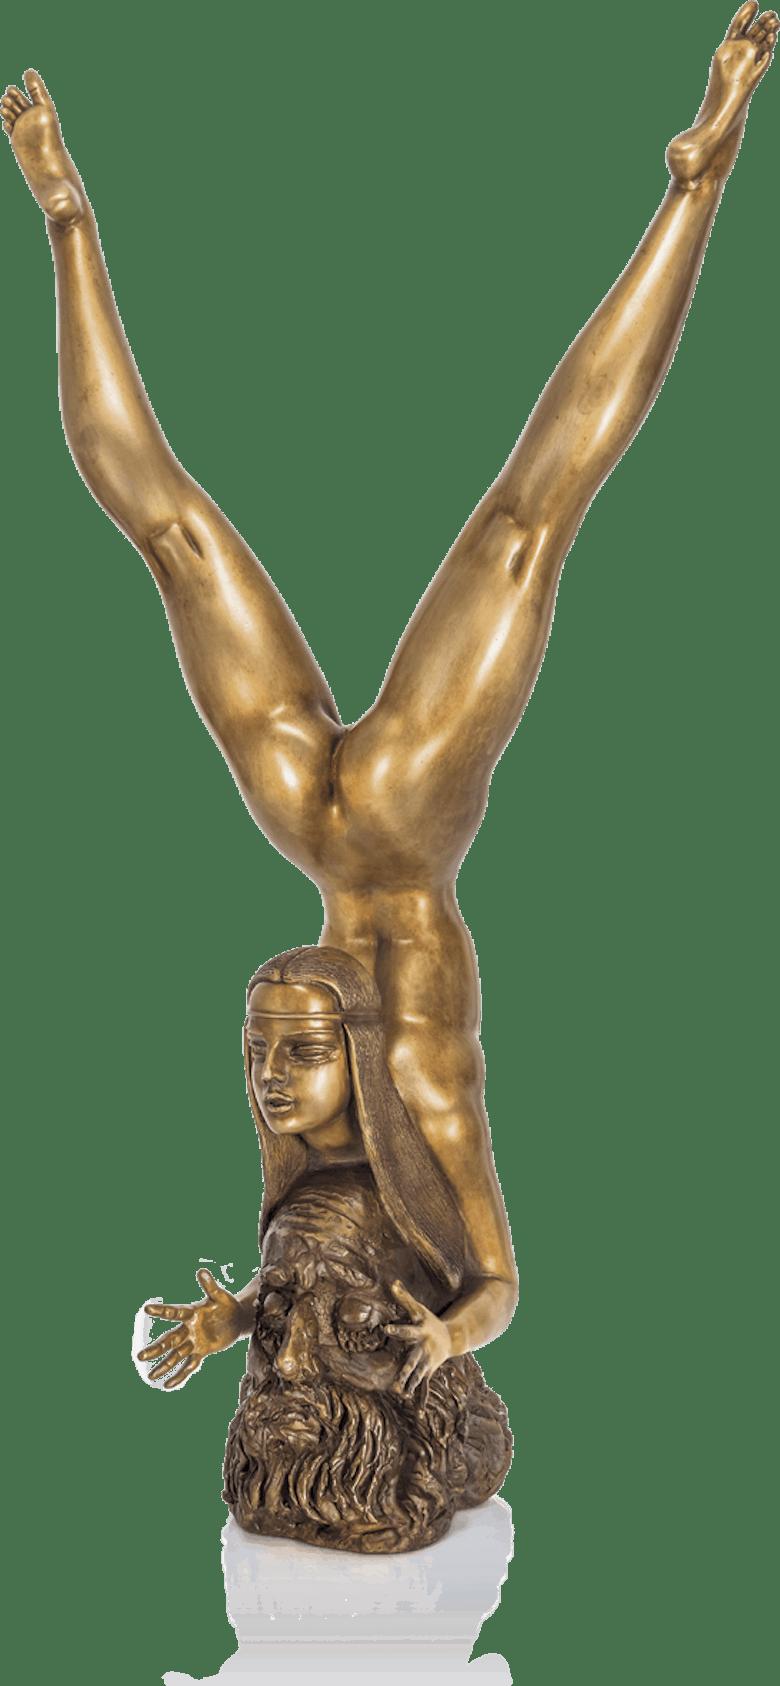 Bronzefigur Poet und Muse von Waldemar Schröder